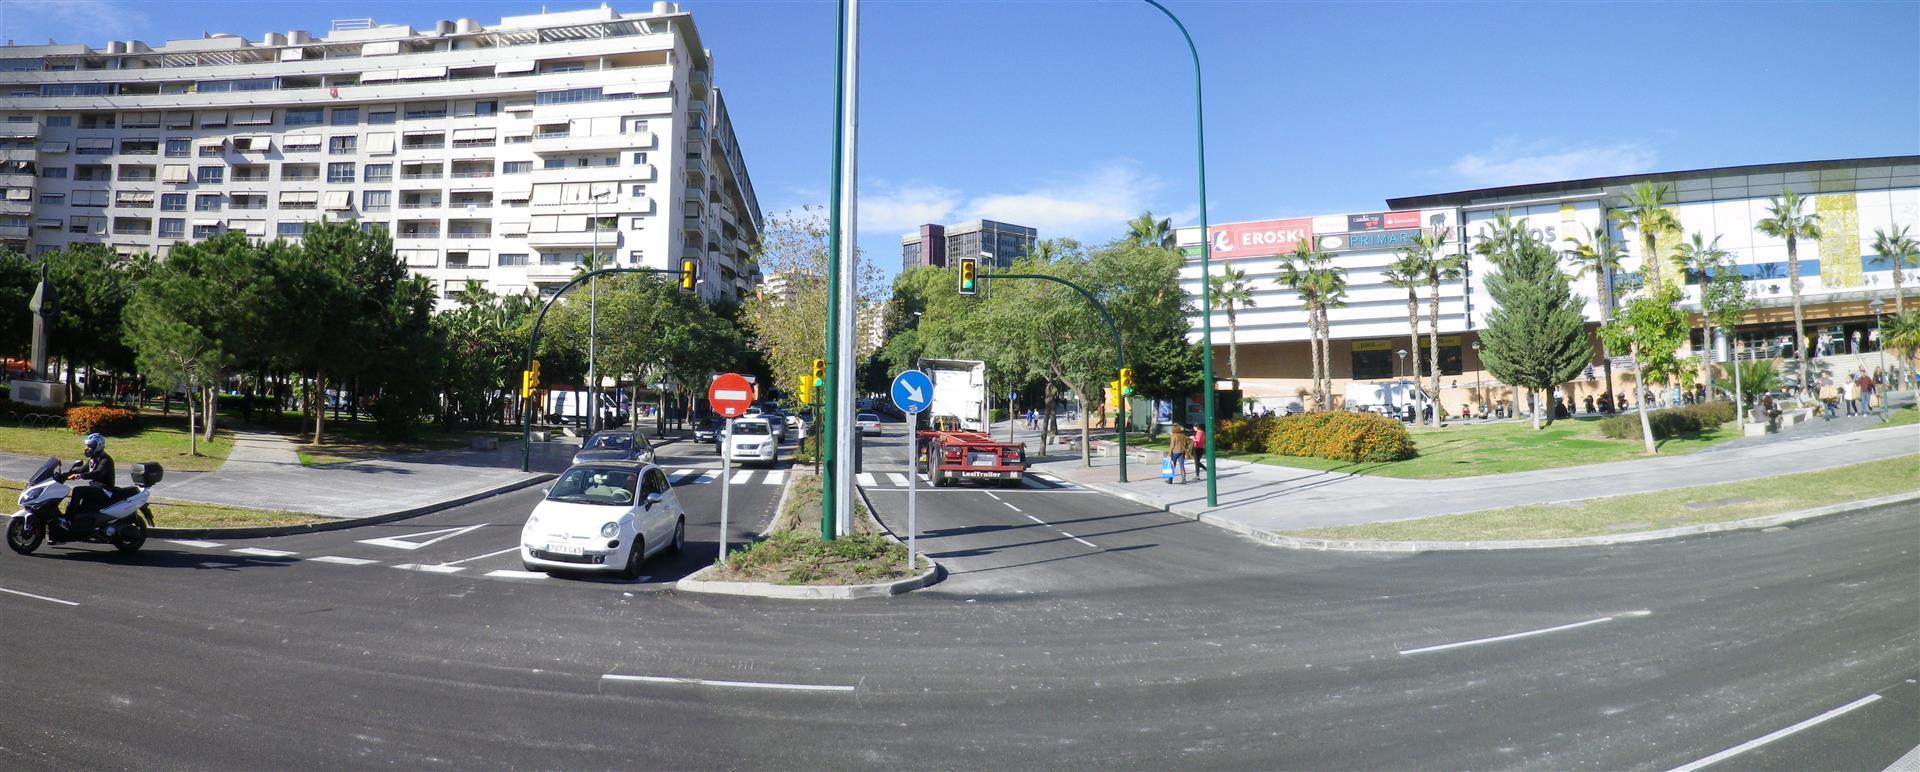 Concluyen las labores de asfaltado del entorno de la Plaza de la Solidaridad y Gabriel Celaya, en el tramo Renfe-Guadalmedina del Metro de M�laga